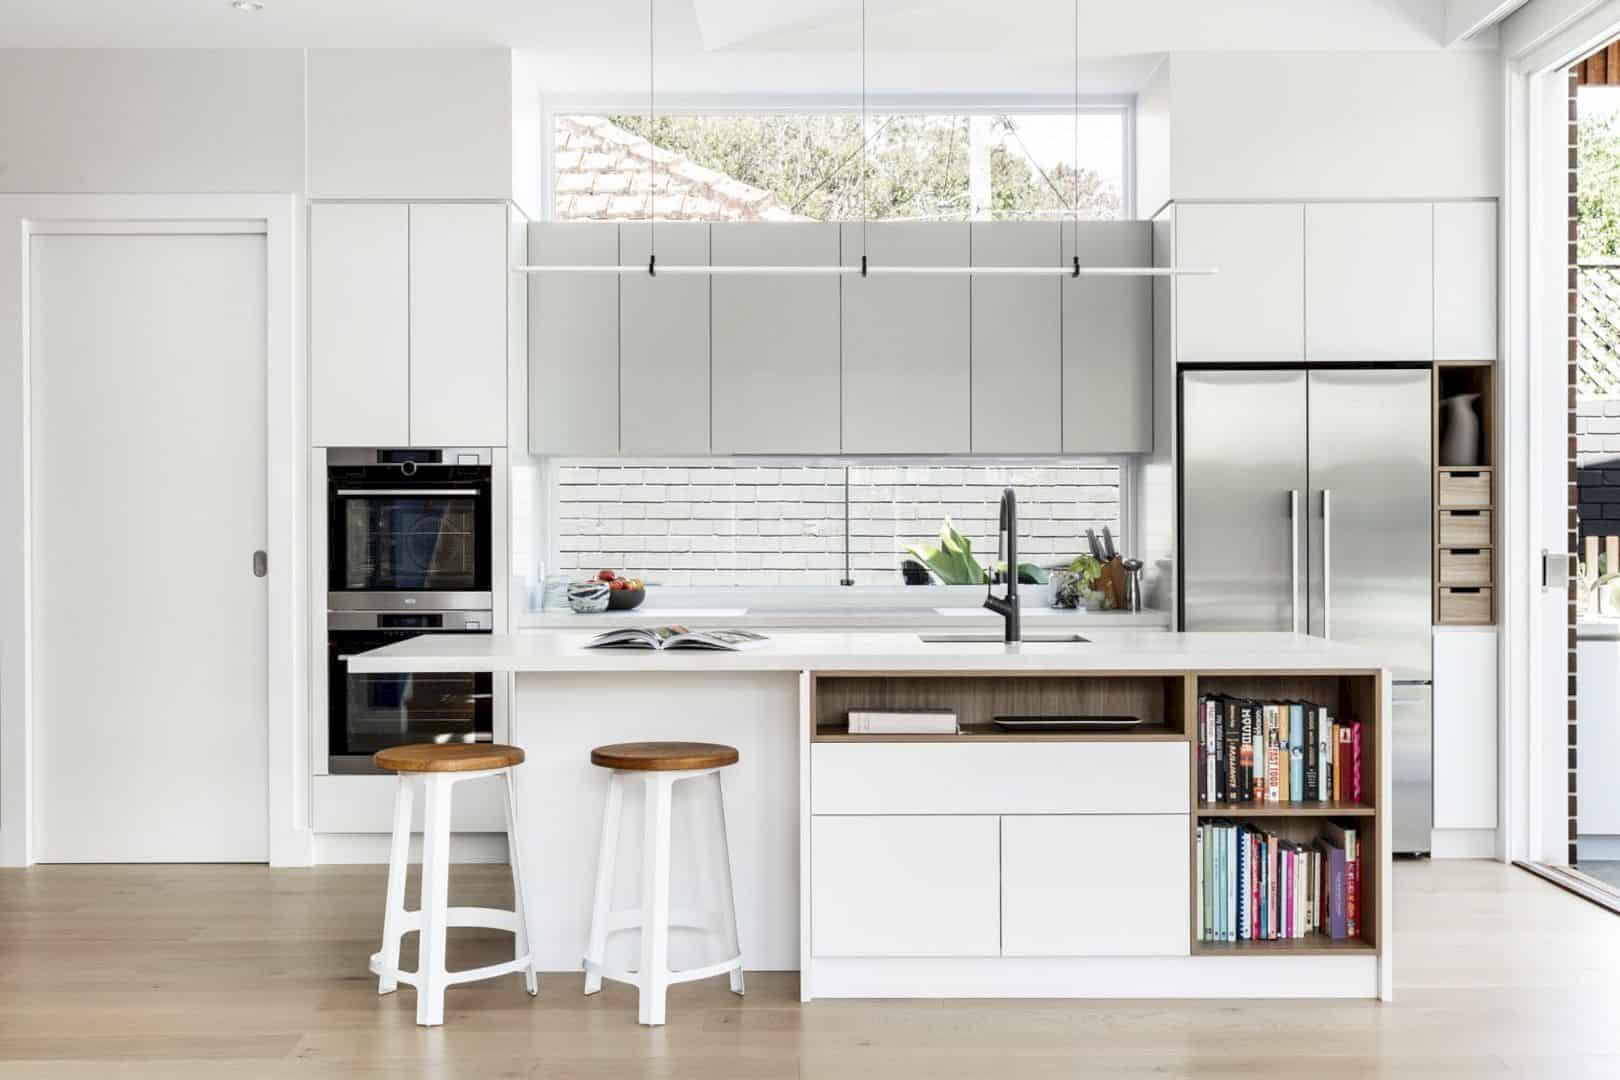 13 Remarkable Kitchen Design Ideas